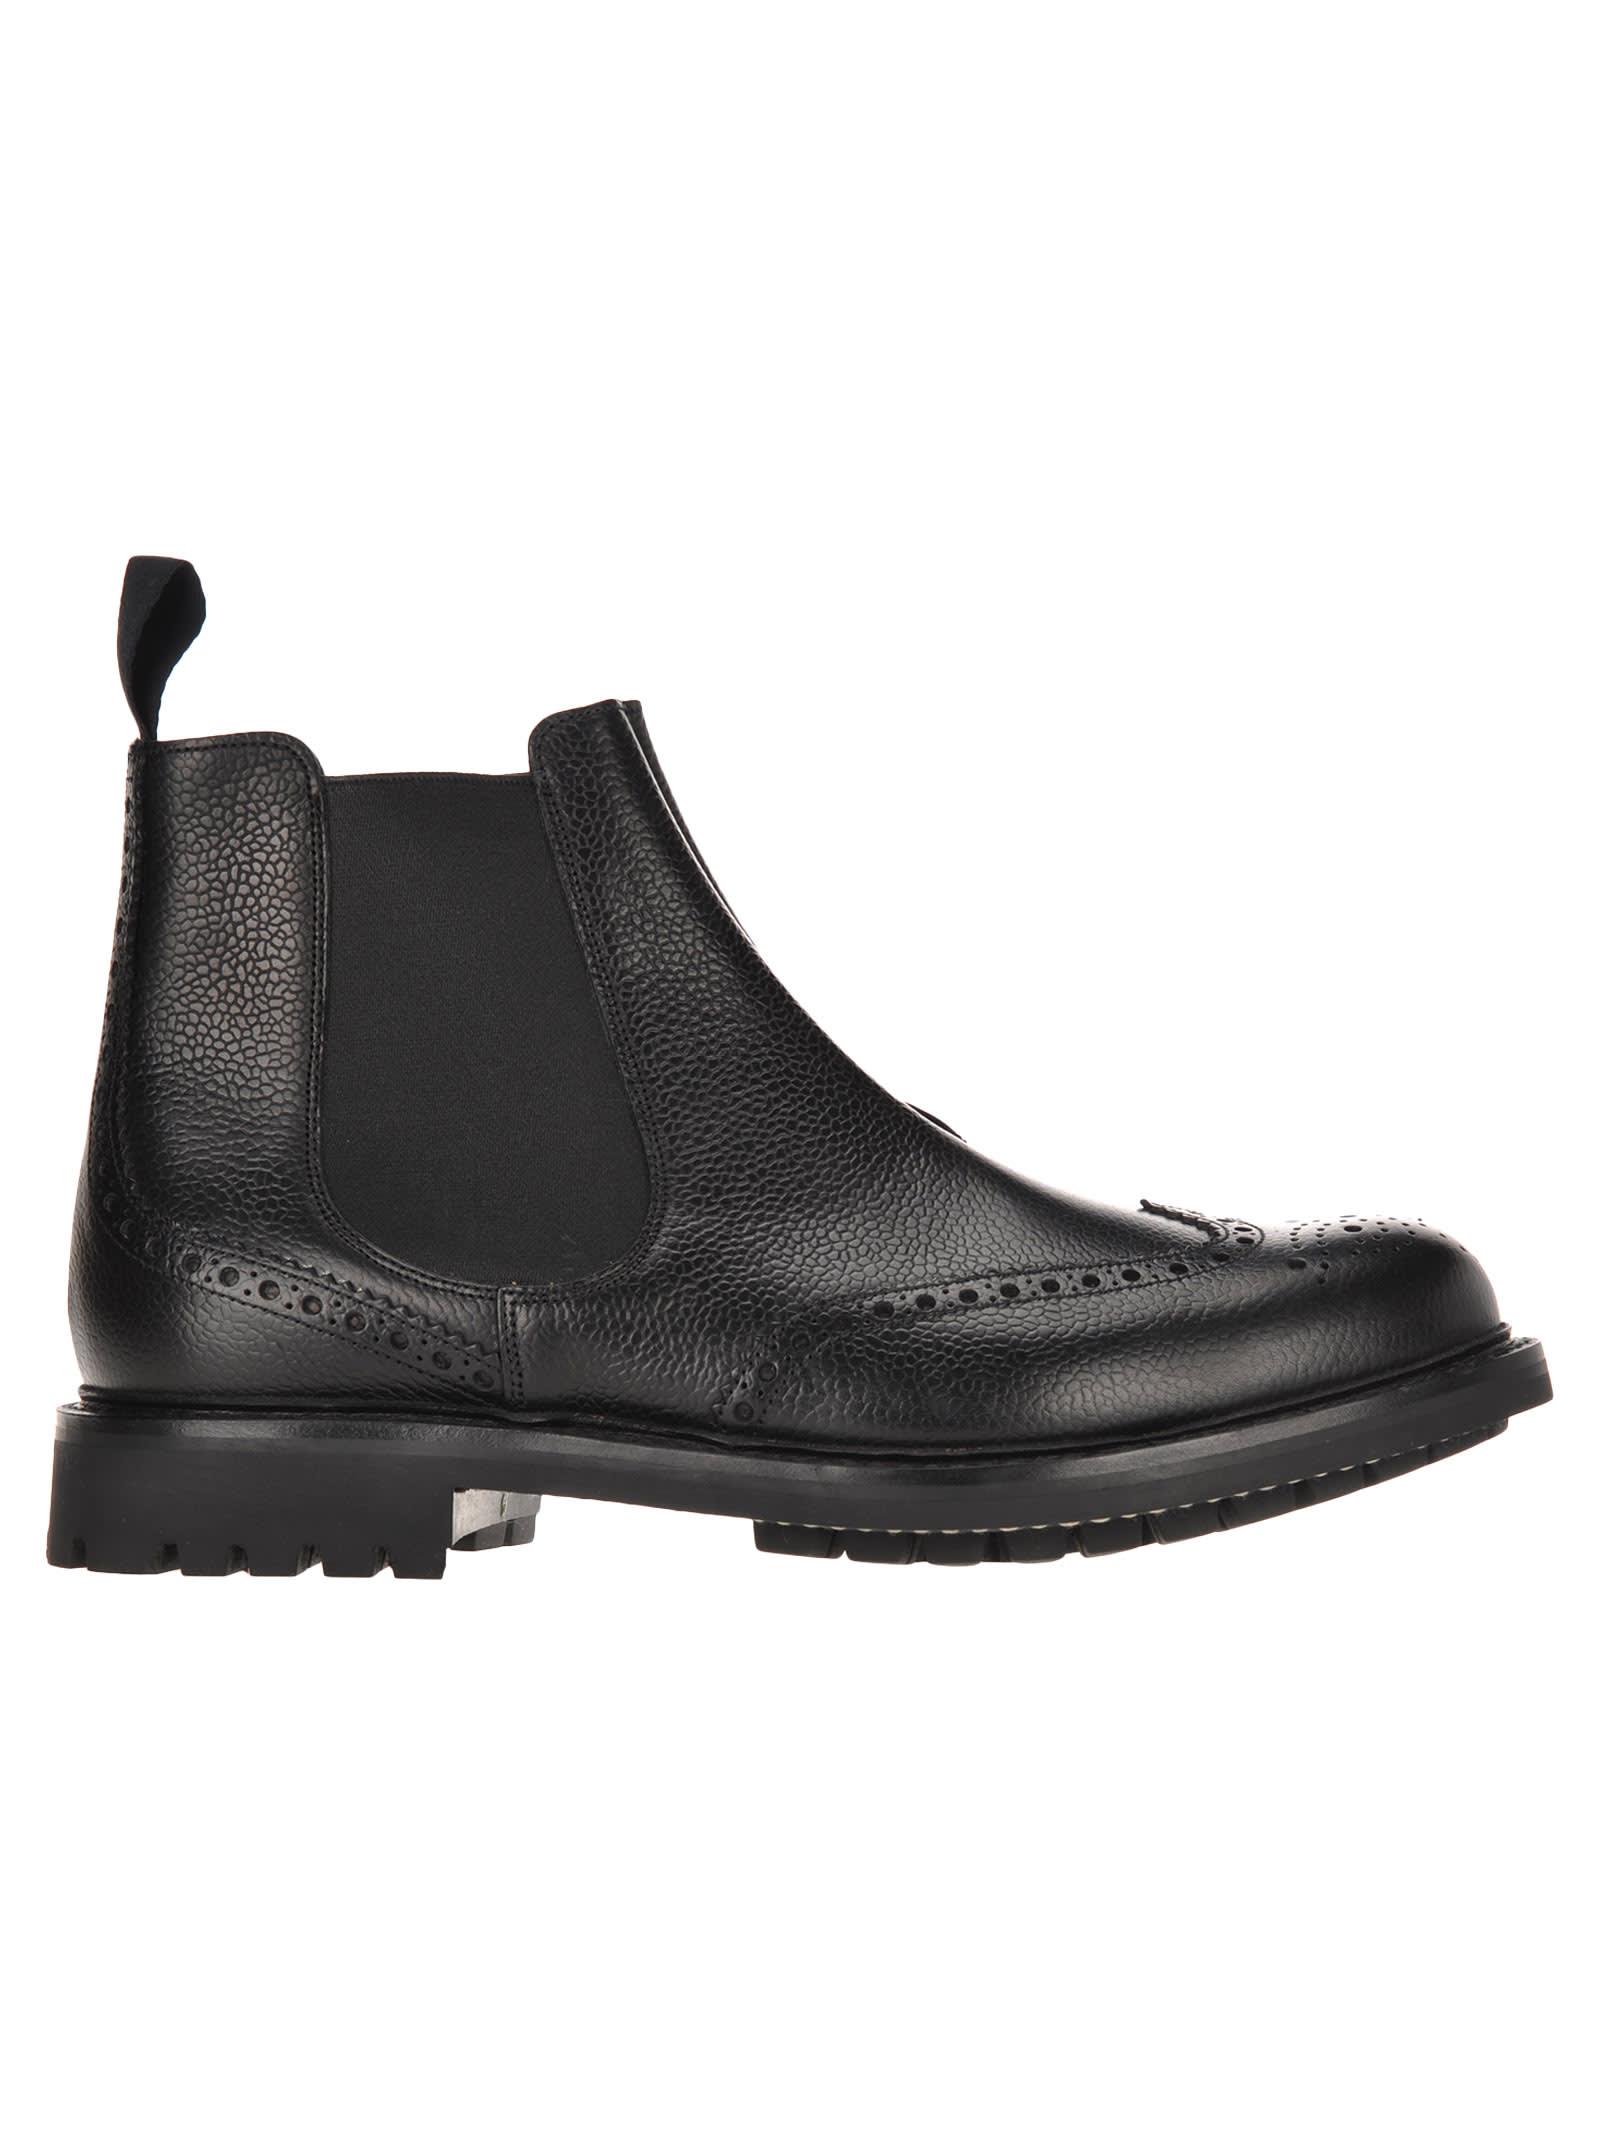 Churchs Mc Entyre Boots